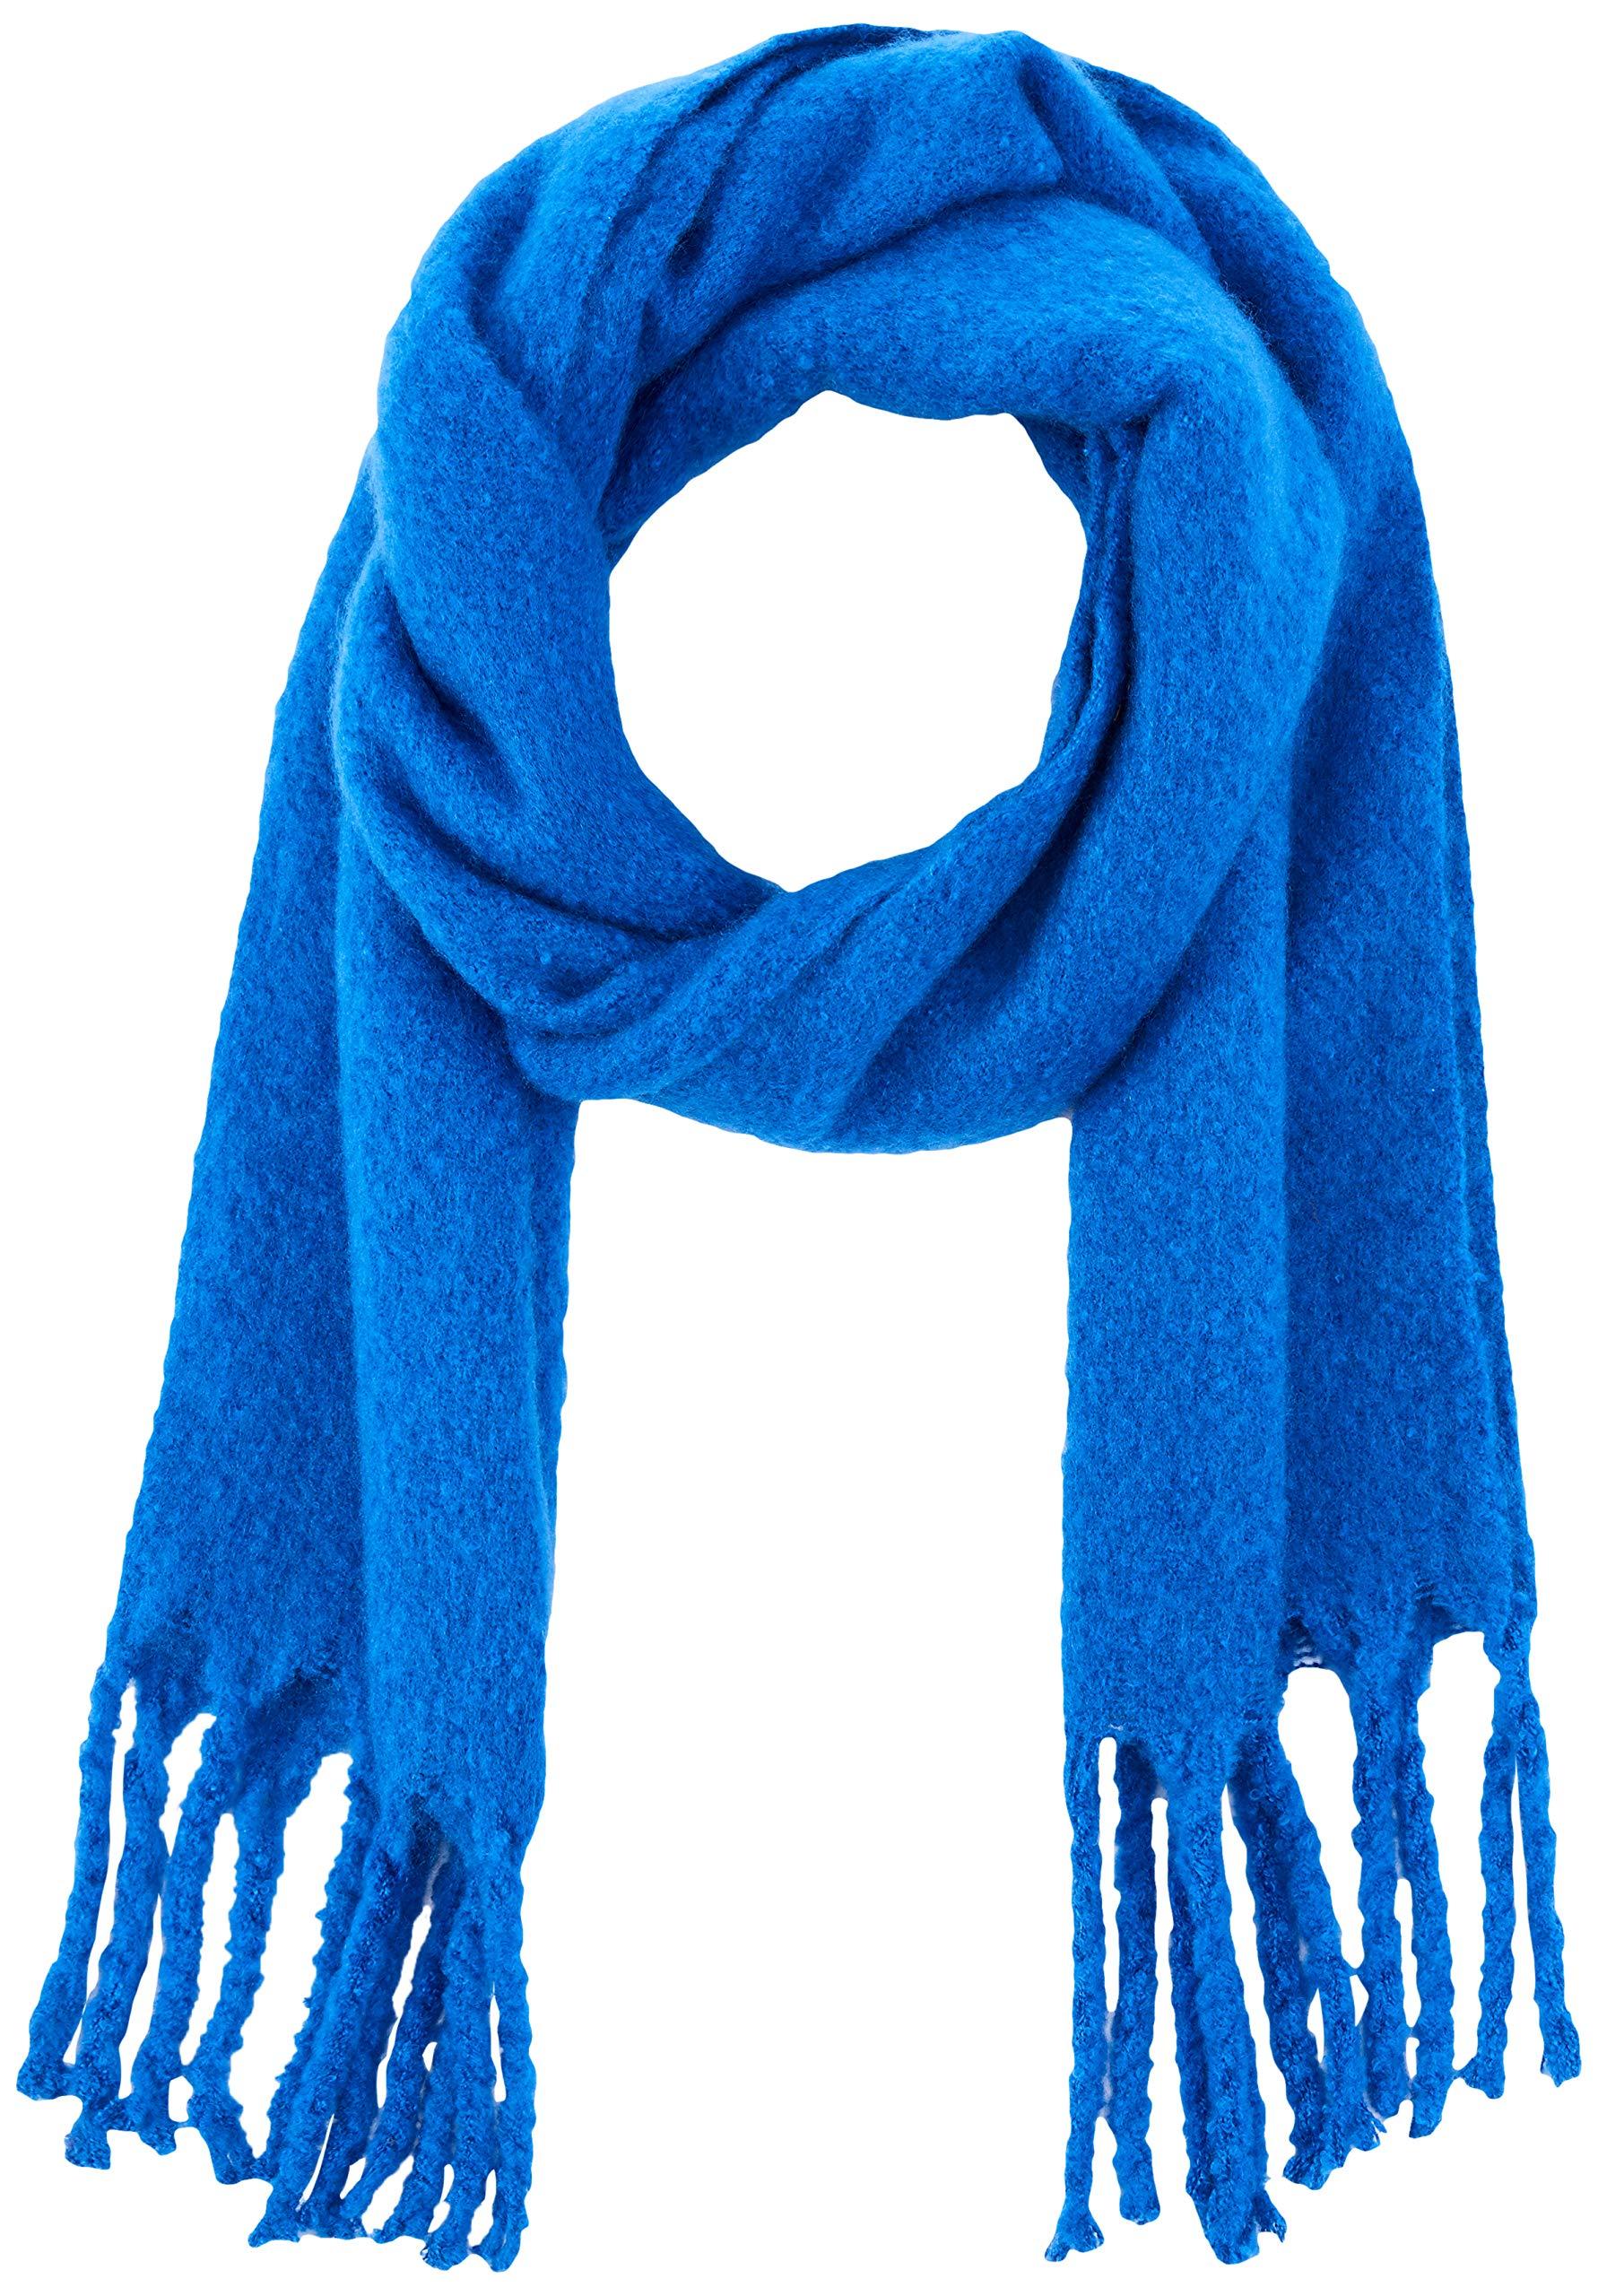 Talkabout EcharpeBleuelectric 80829Uniquetaille Schal Fabricant99Femme Blue sBCQhrtdx